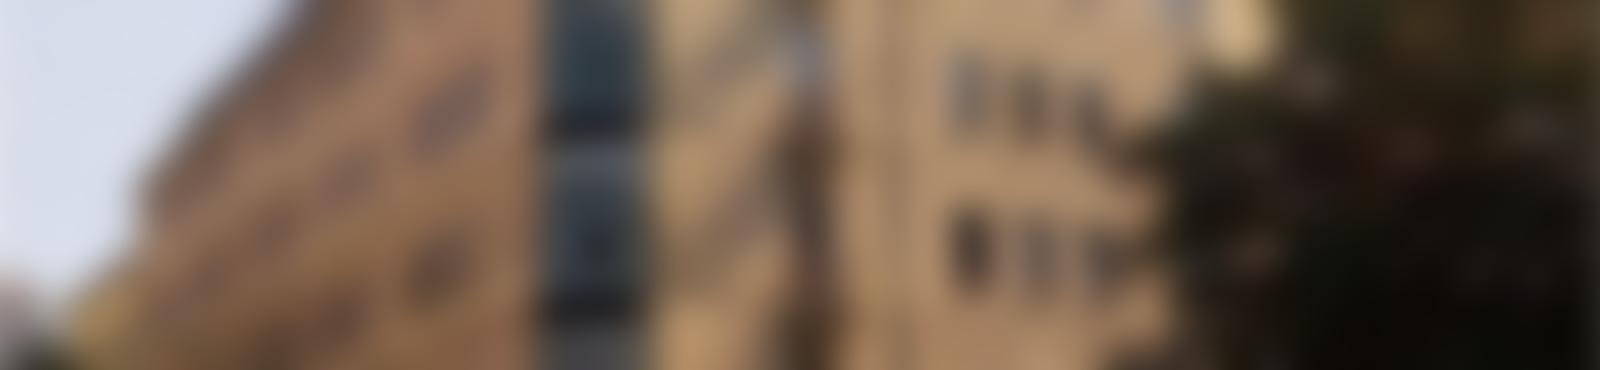 Blurred e77babd2 8d36 4c06 ad4a aaacc29f6c7f